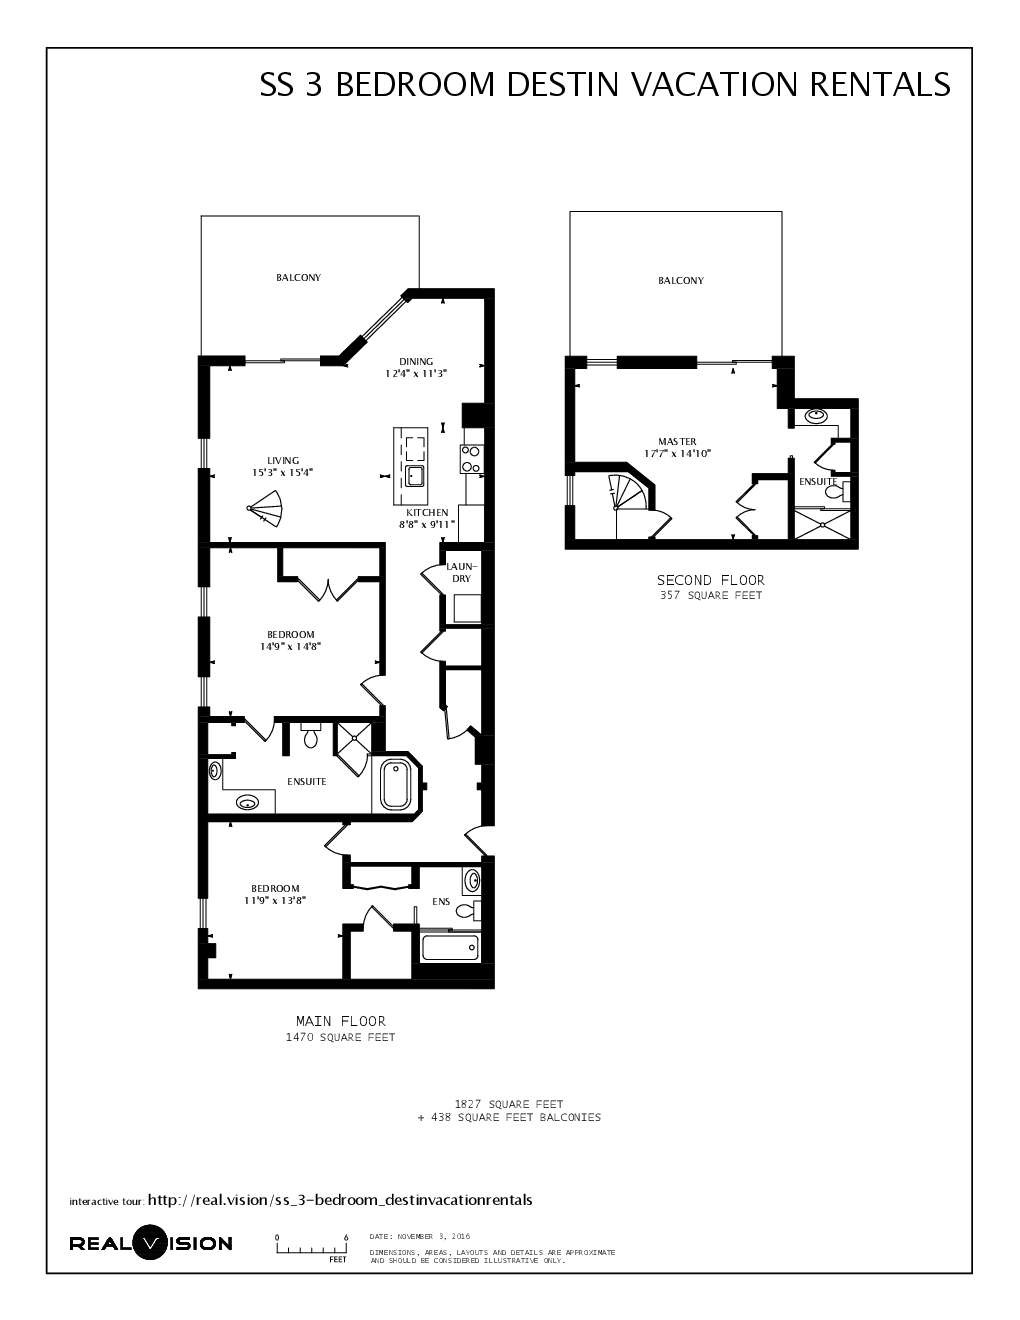 1827 Sq Ft 438 3 Bedrooms